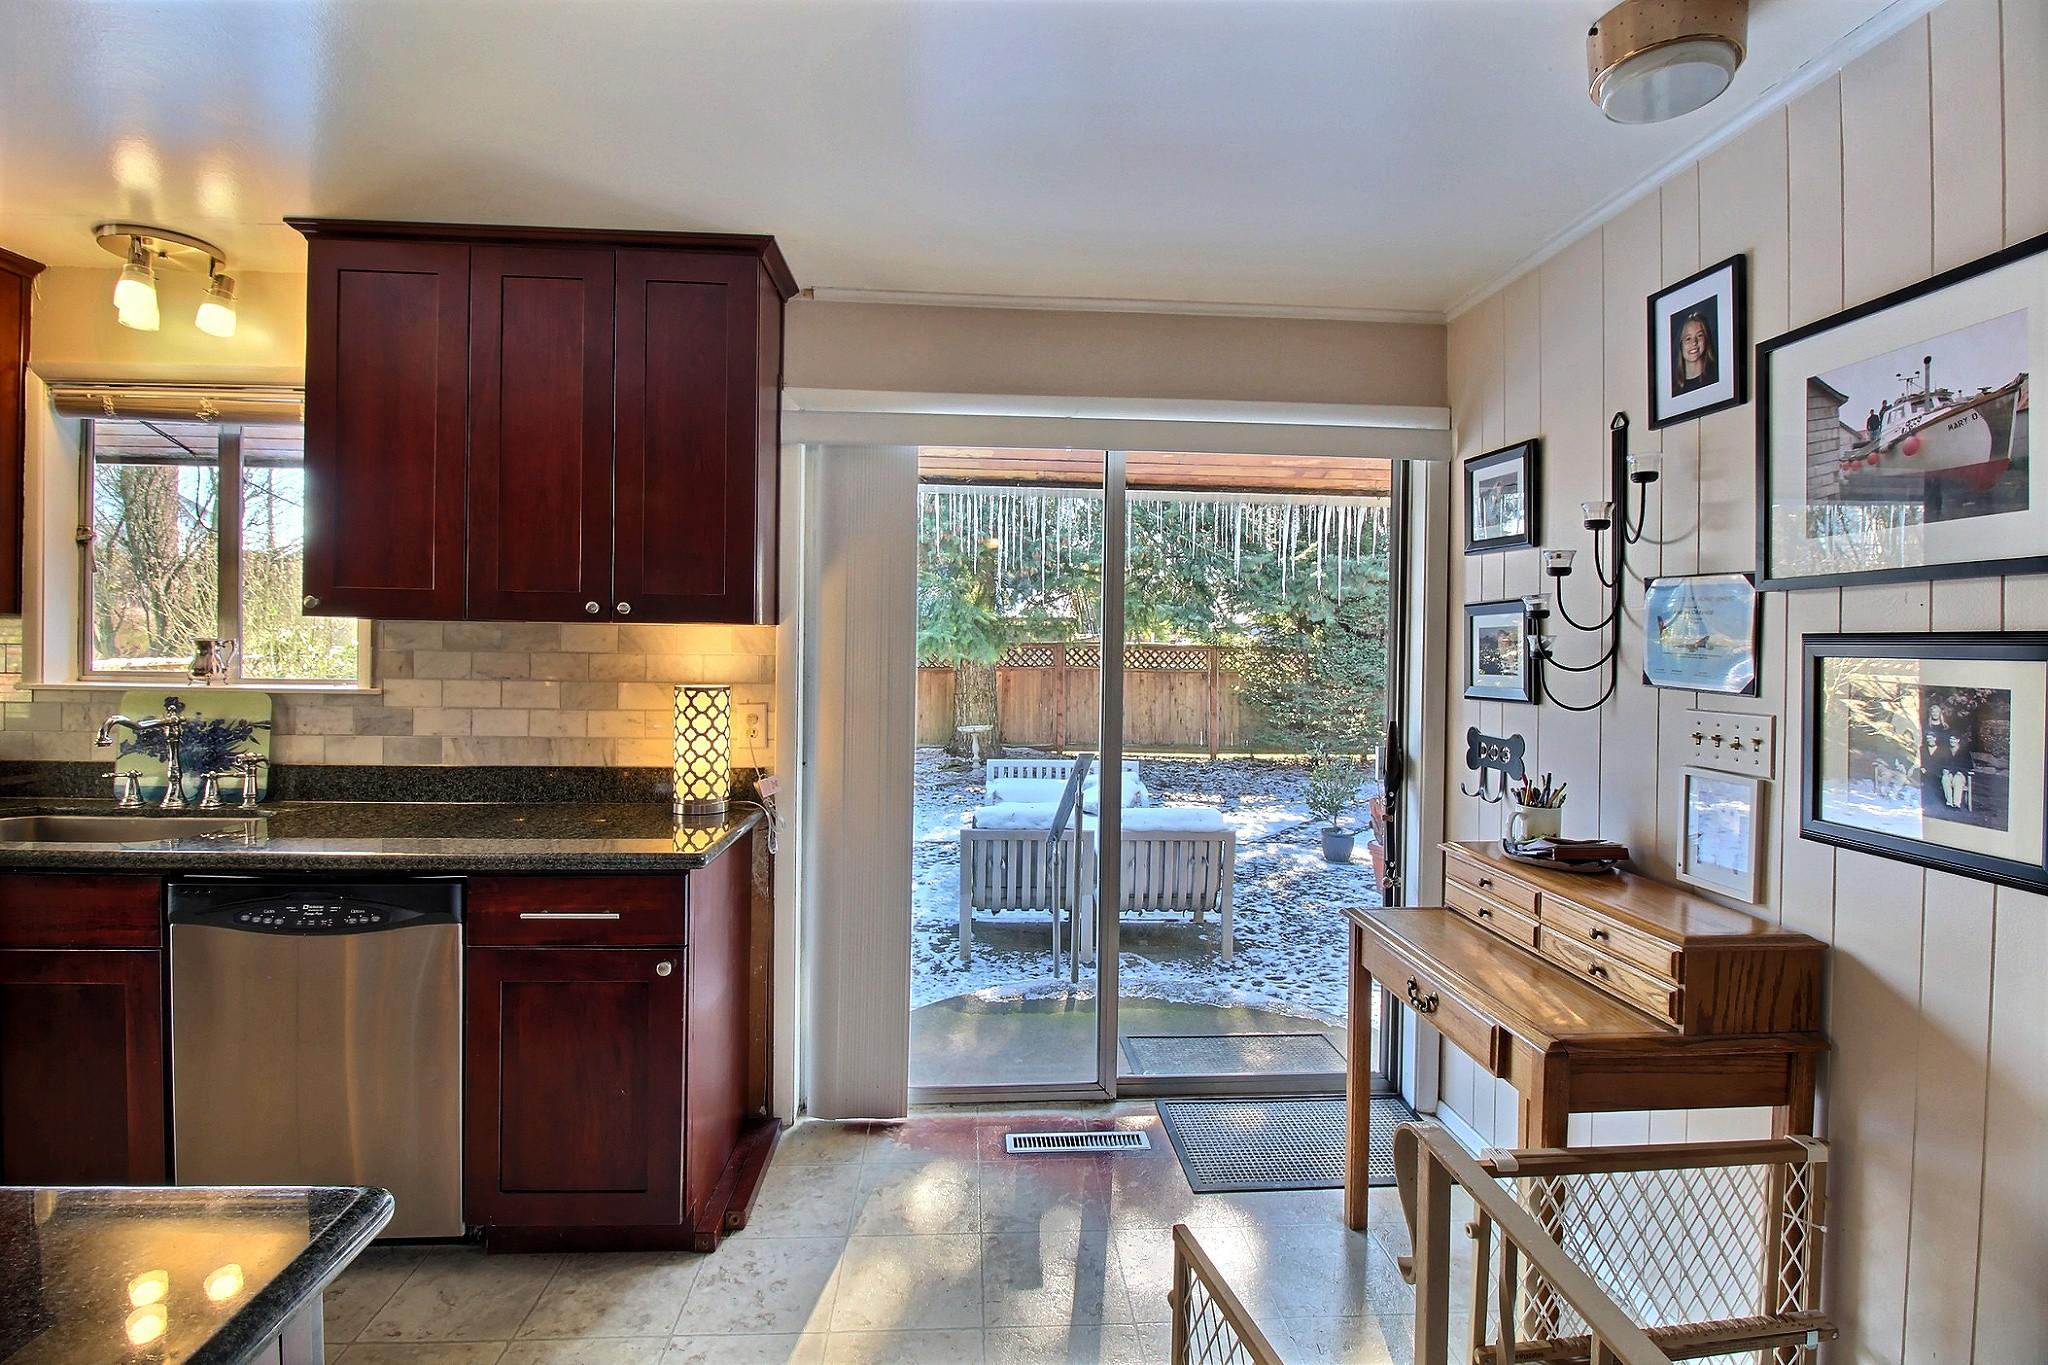 22-kitchenslider2601.jpg